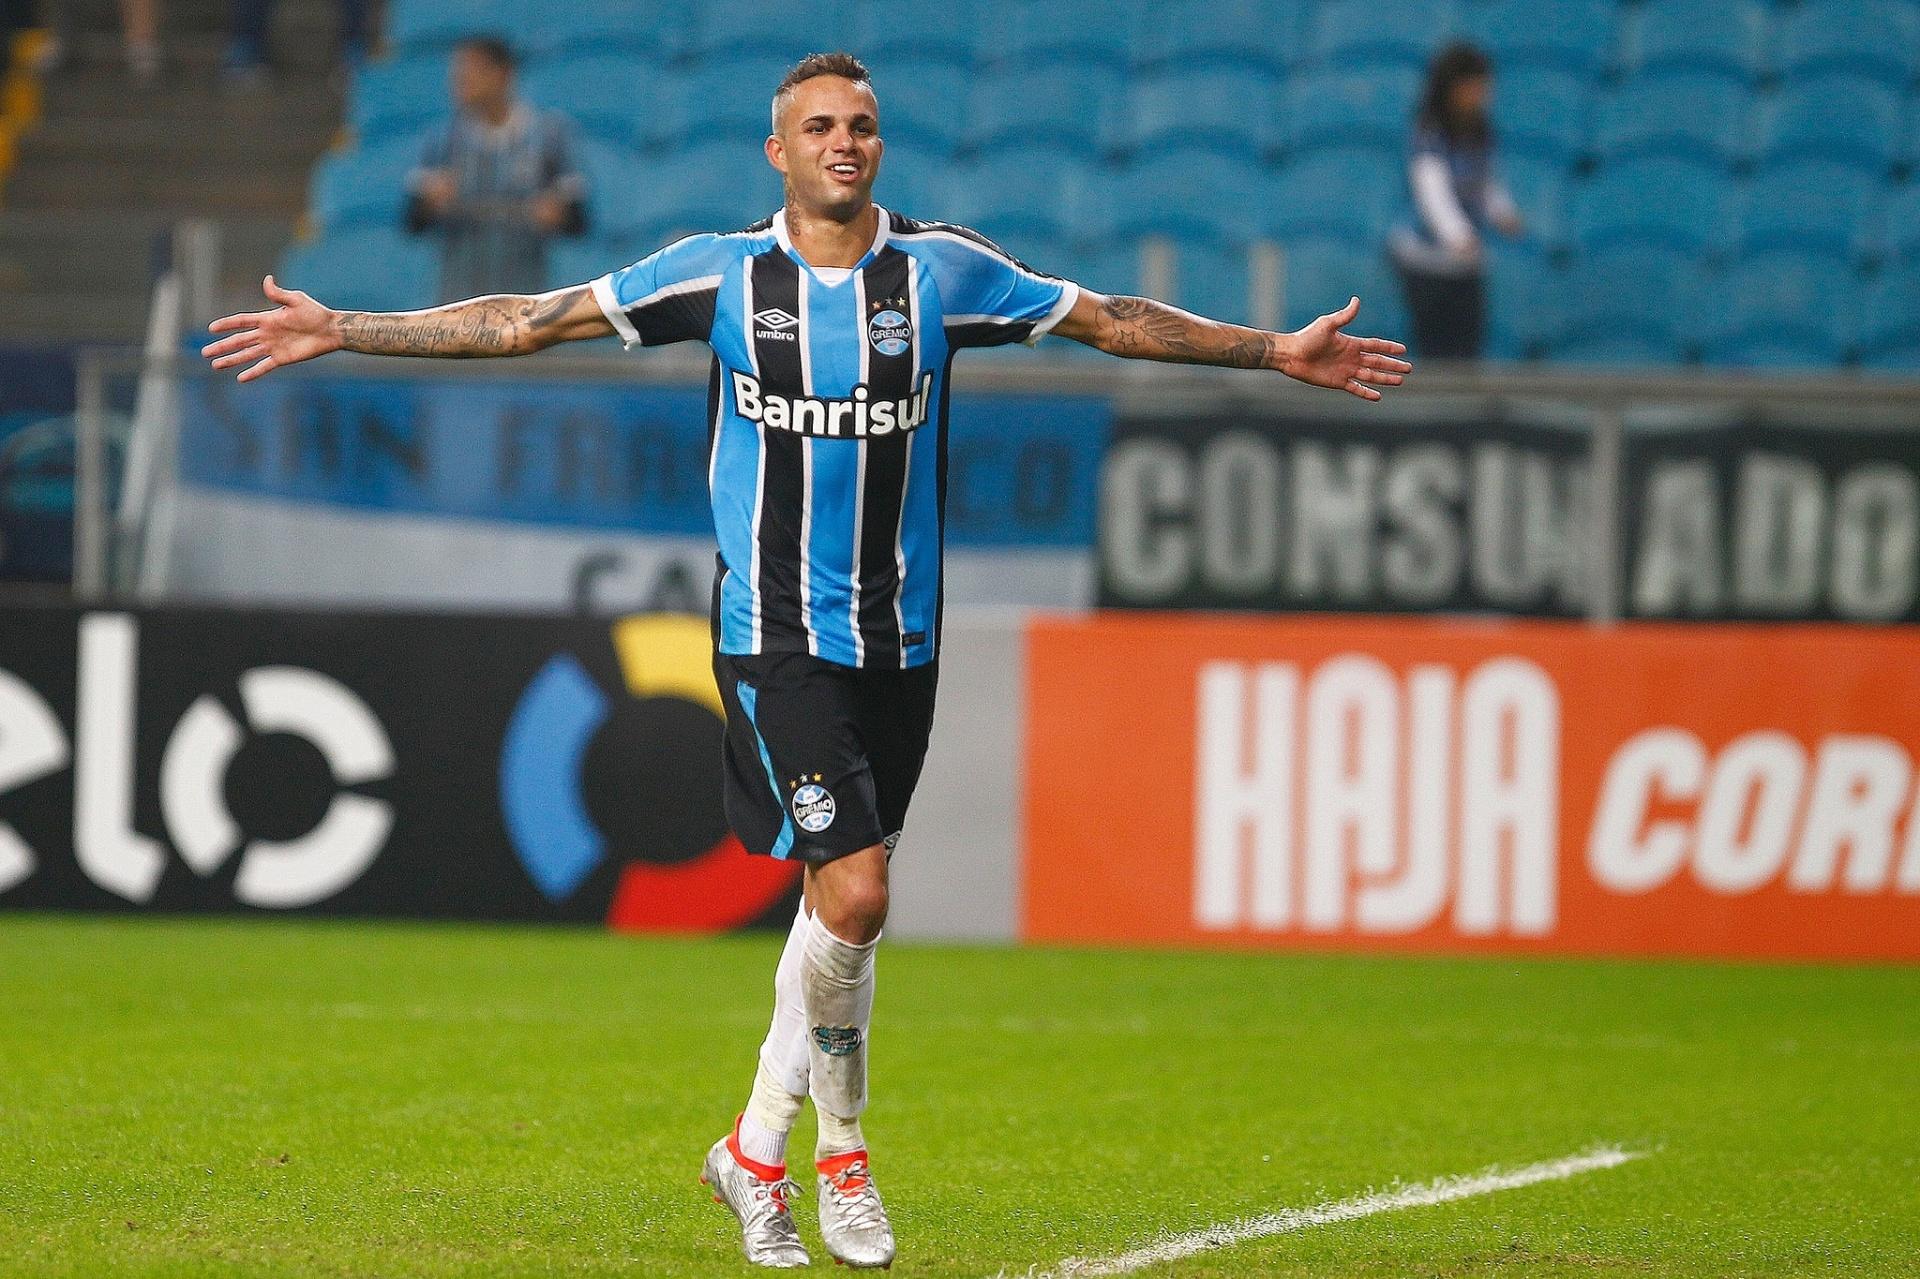 c436f53912 Grêmio define  Luan só sai por mais de R  100 milhões - 08 06 2016 - UOL  Esporte